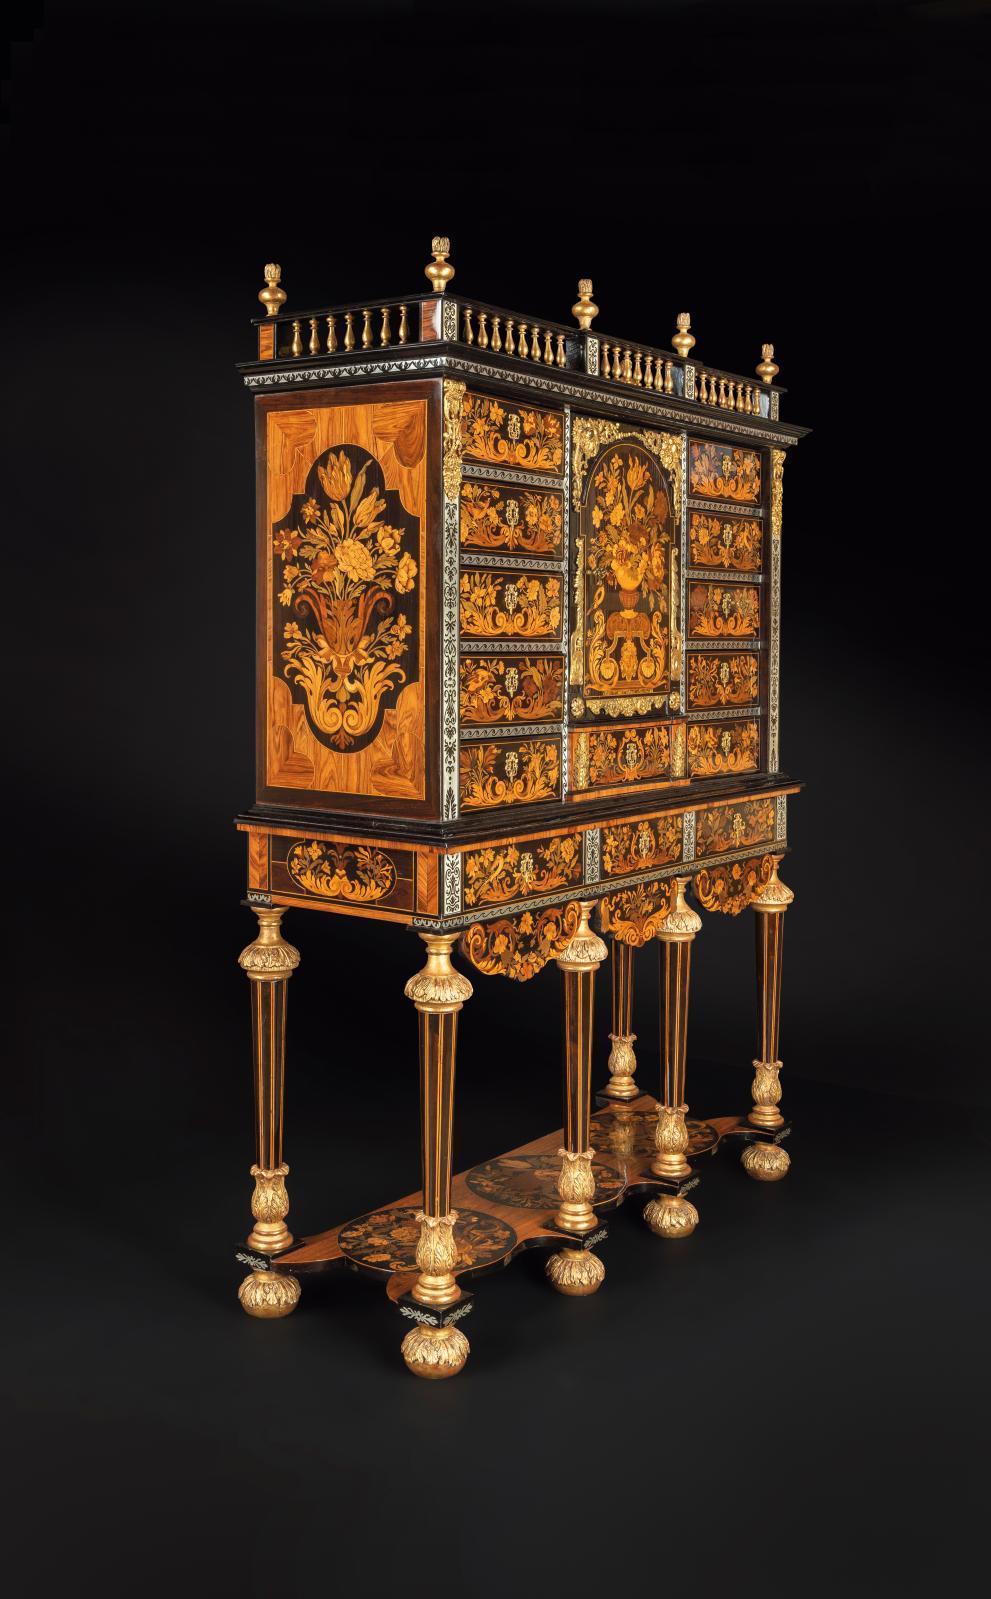 Cabinet en bois teinté, amarante, épine-vinette, padouk et satiné sur fond d'ébène, attribué à André-Charles Boulle(1642-1732), époque Lo